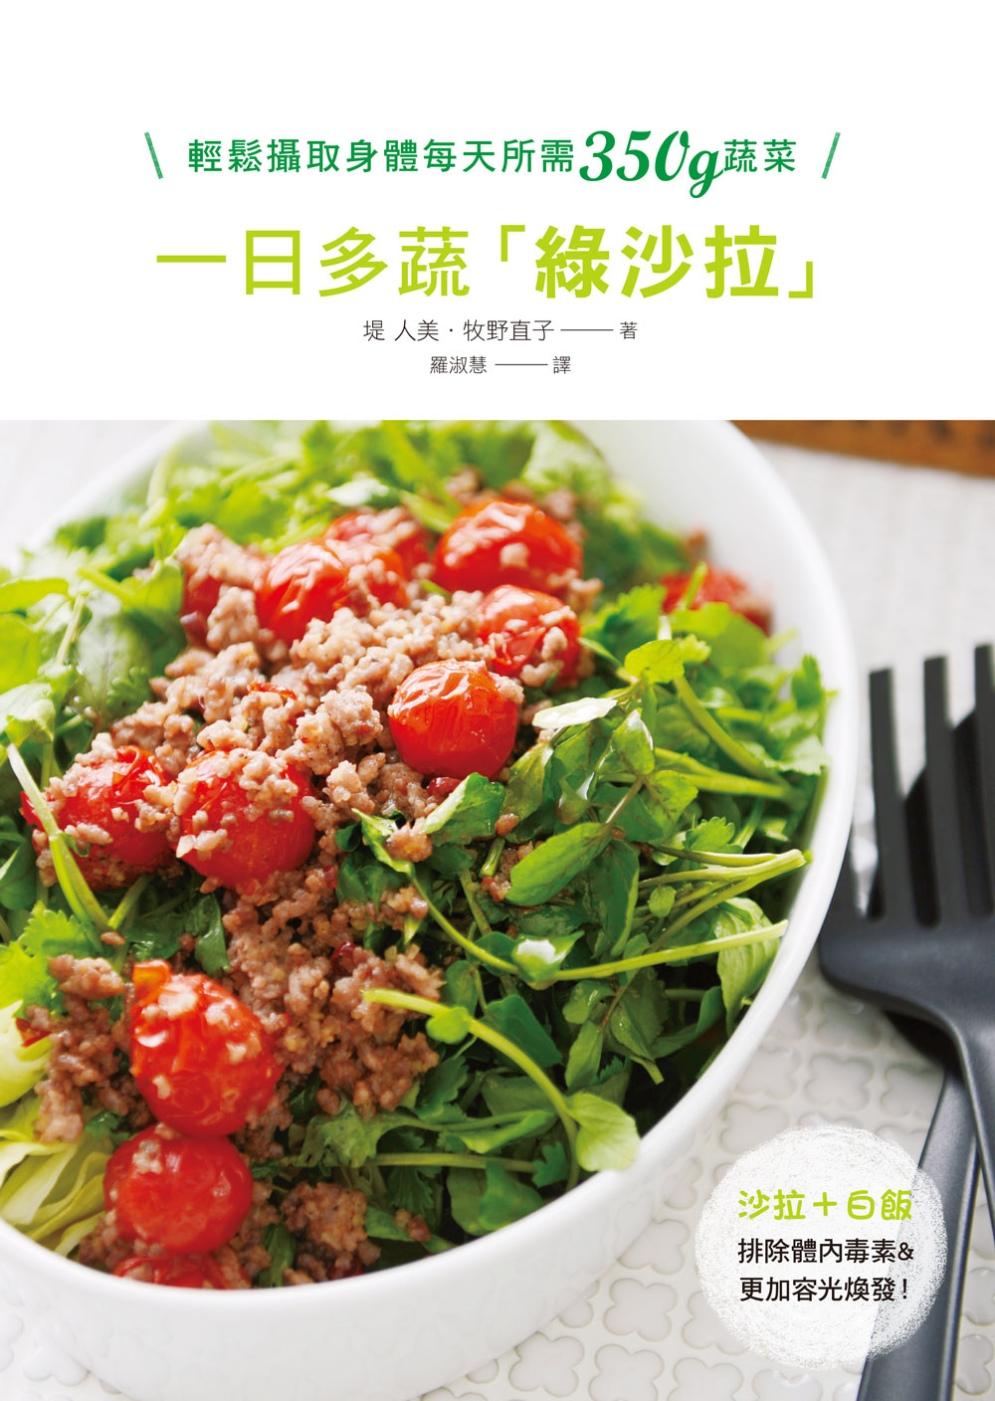 一日多蔬綠沙拉:吃得飽 熱量低 營養夠!輕鬆攝取身體每天所需350g蔬菜,帶給你營養 飽足